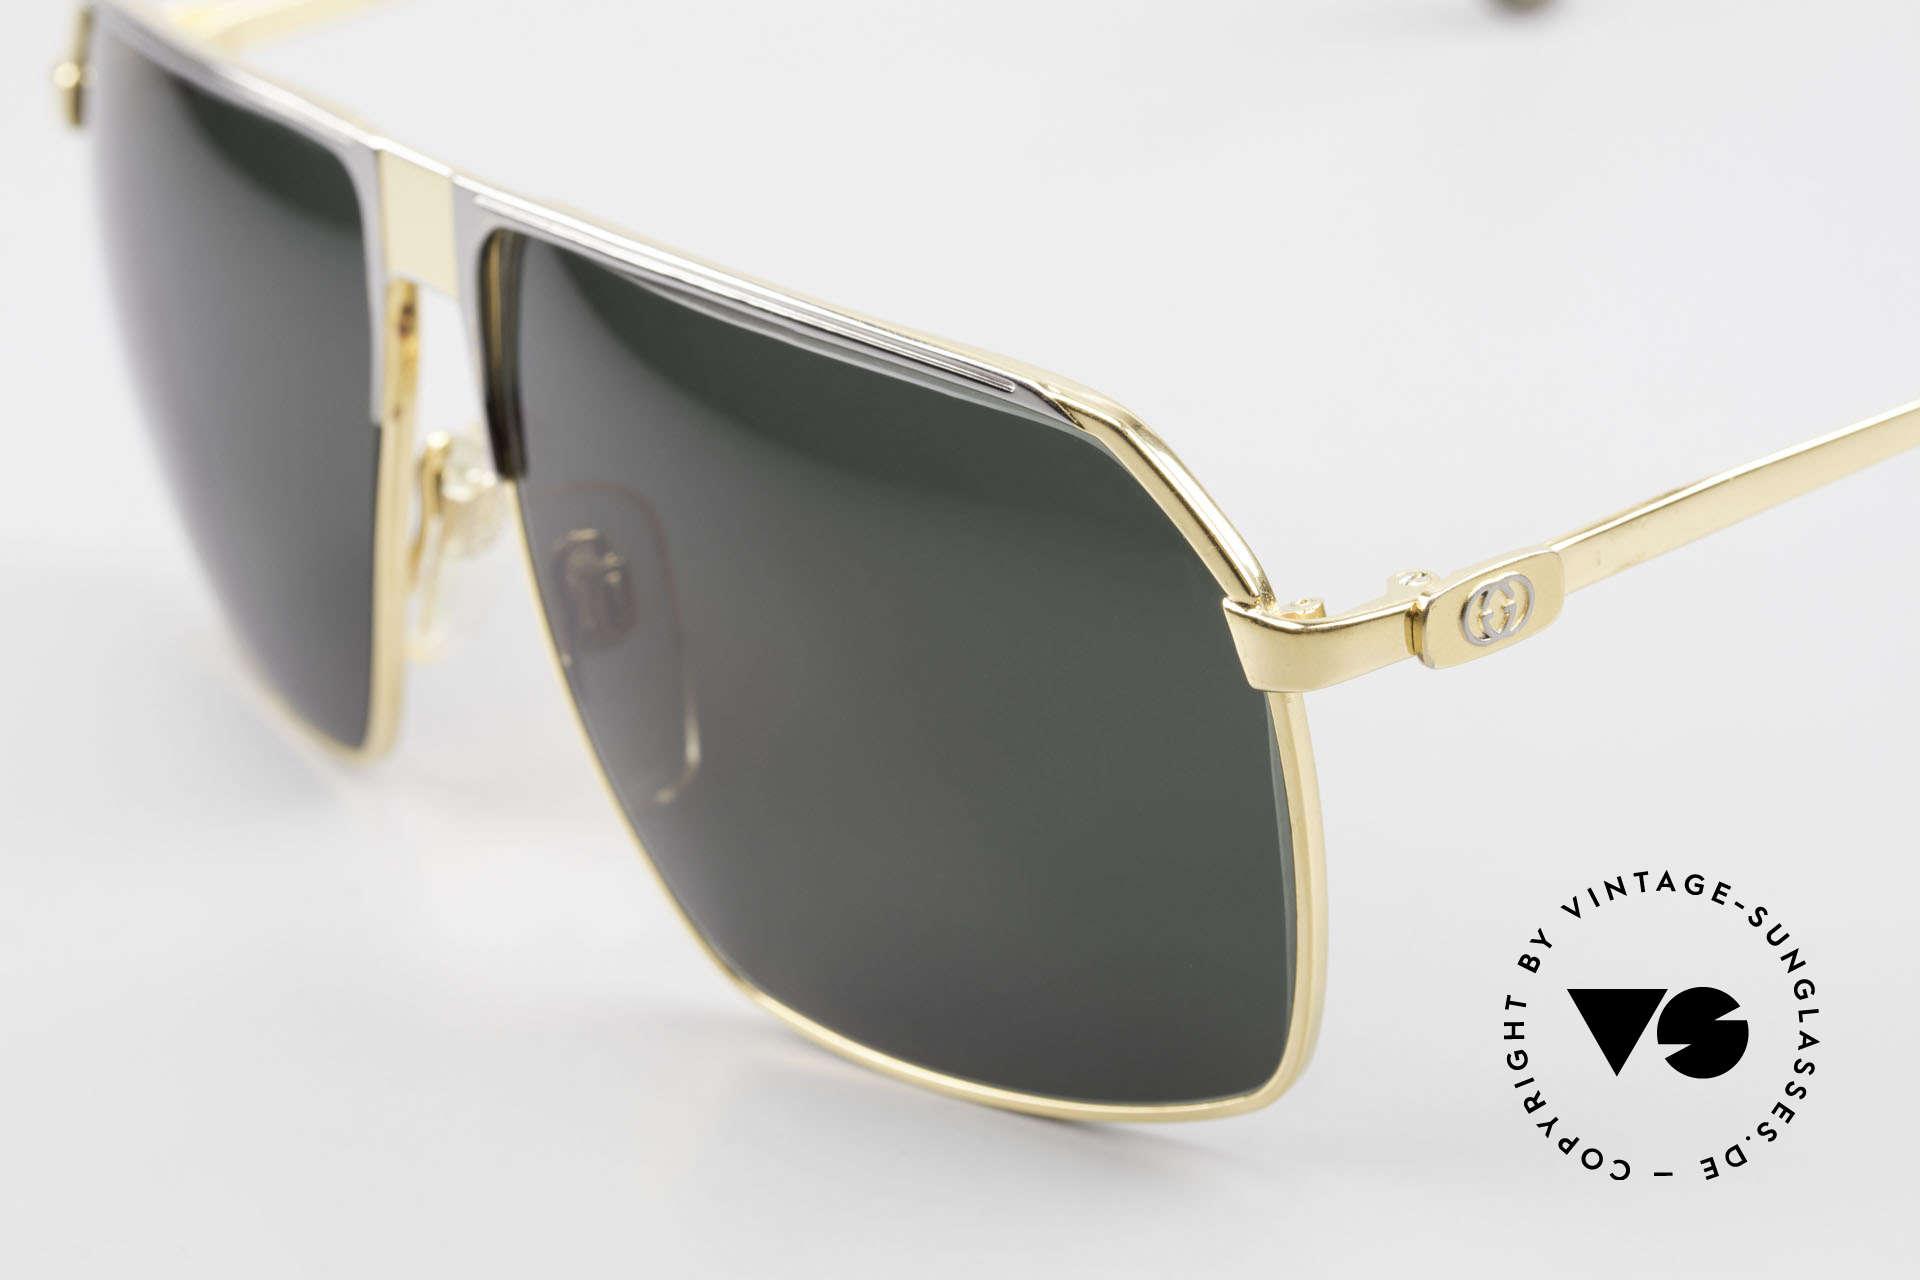 Gucci GG41 22Kt Vergoldete Sonnenbrille, Bügel mit dem berühmten Symbol (die zwei Steigbügel), Passend für Herren